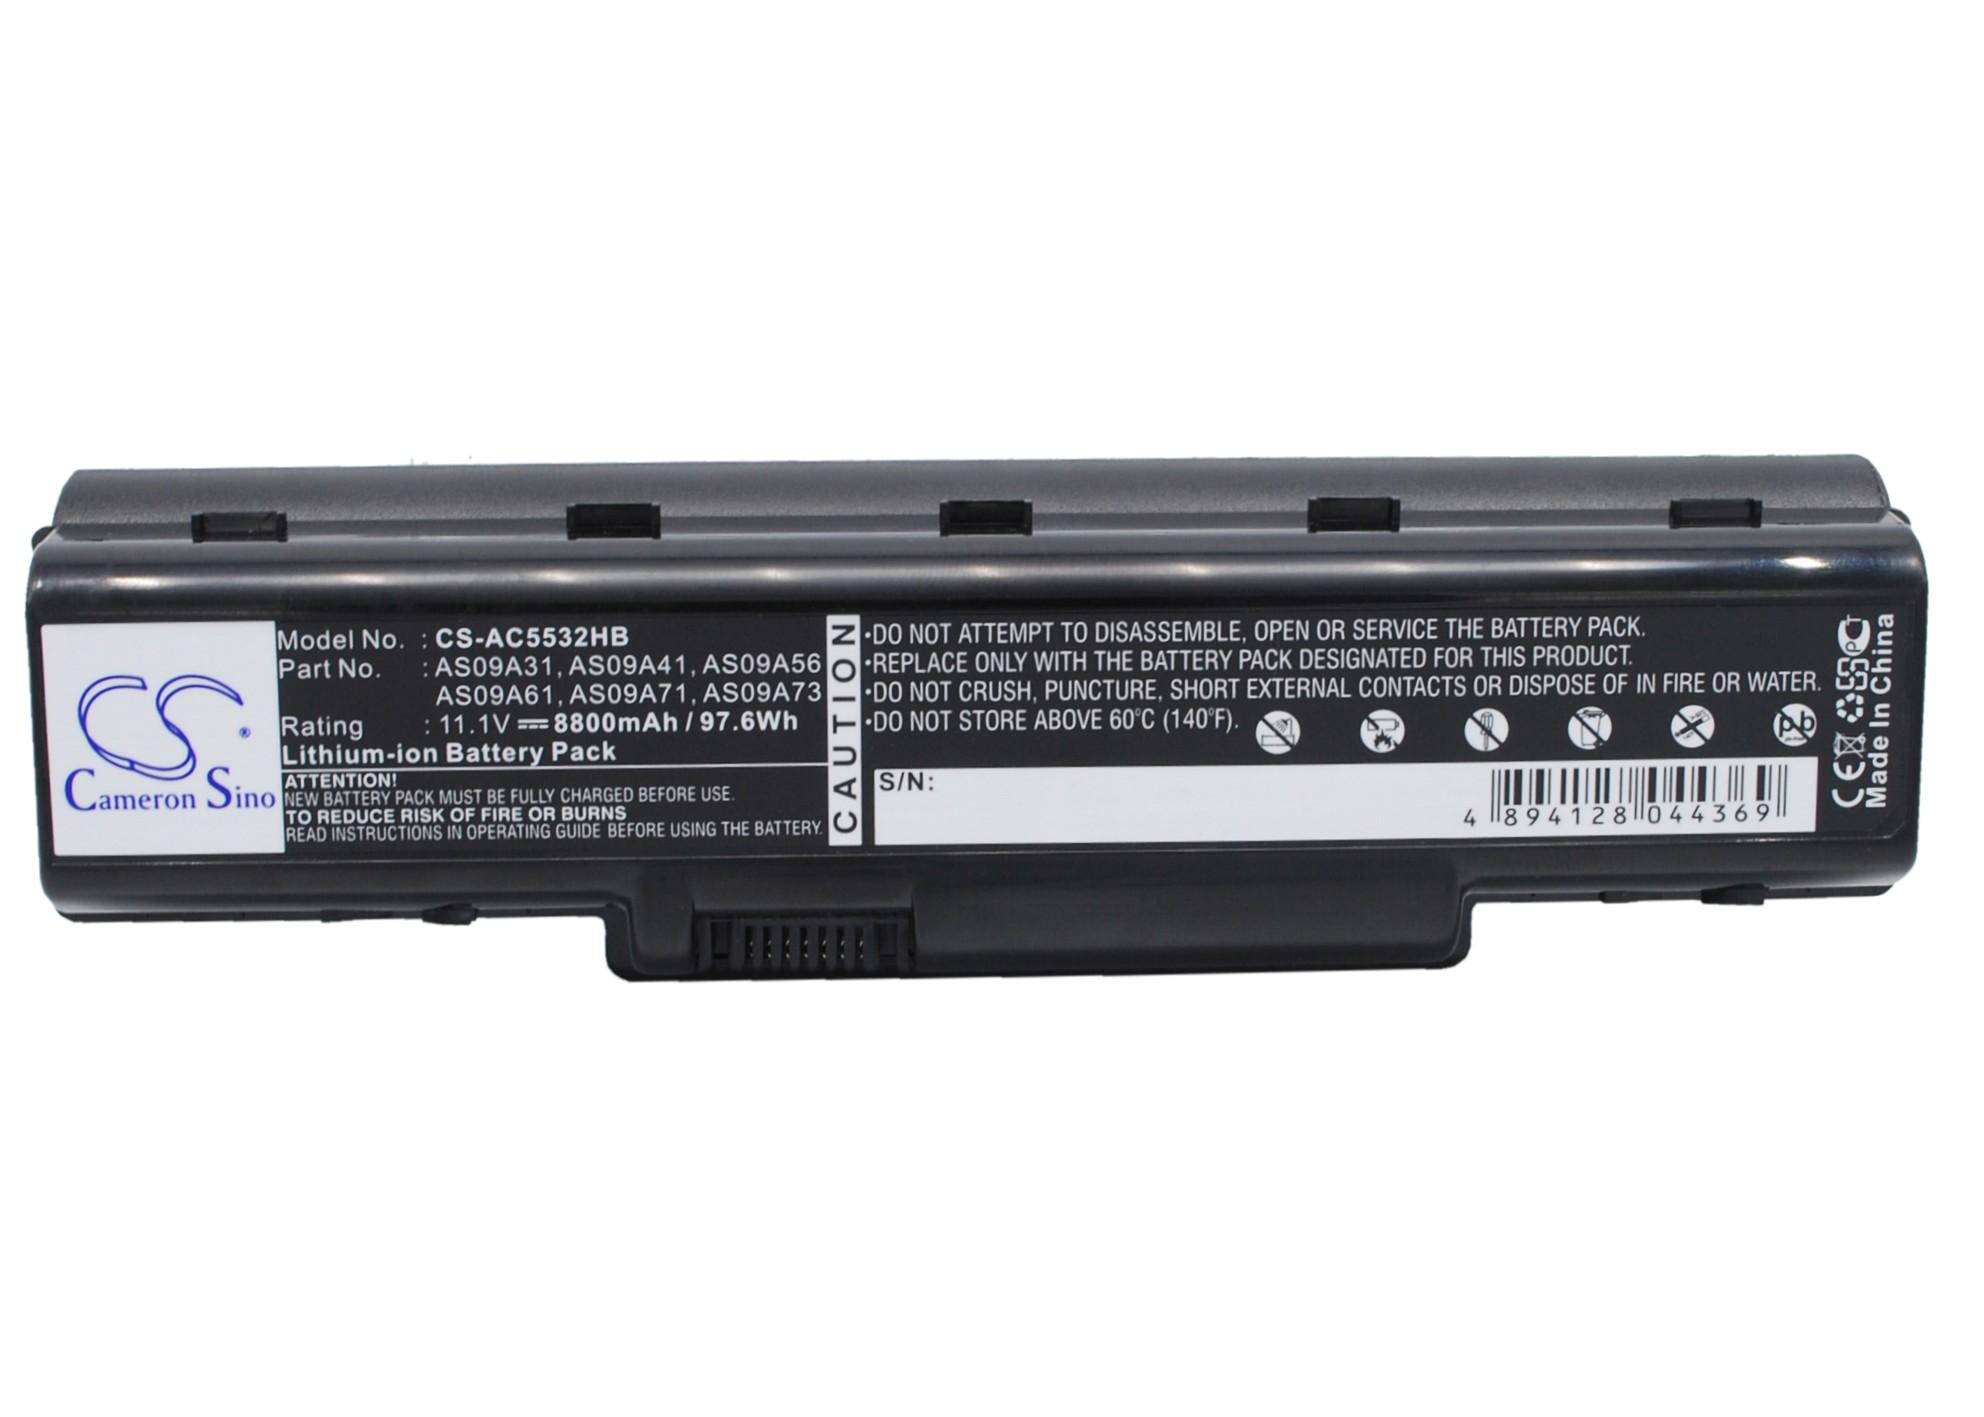 Cameron Sino baterie do notebooků pro ACER Aspire 5517-5535 11.1V Li-ion 8800mAh černá - neoriginální